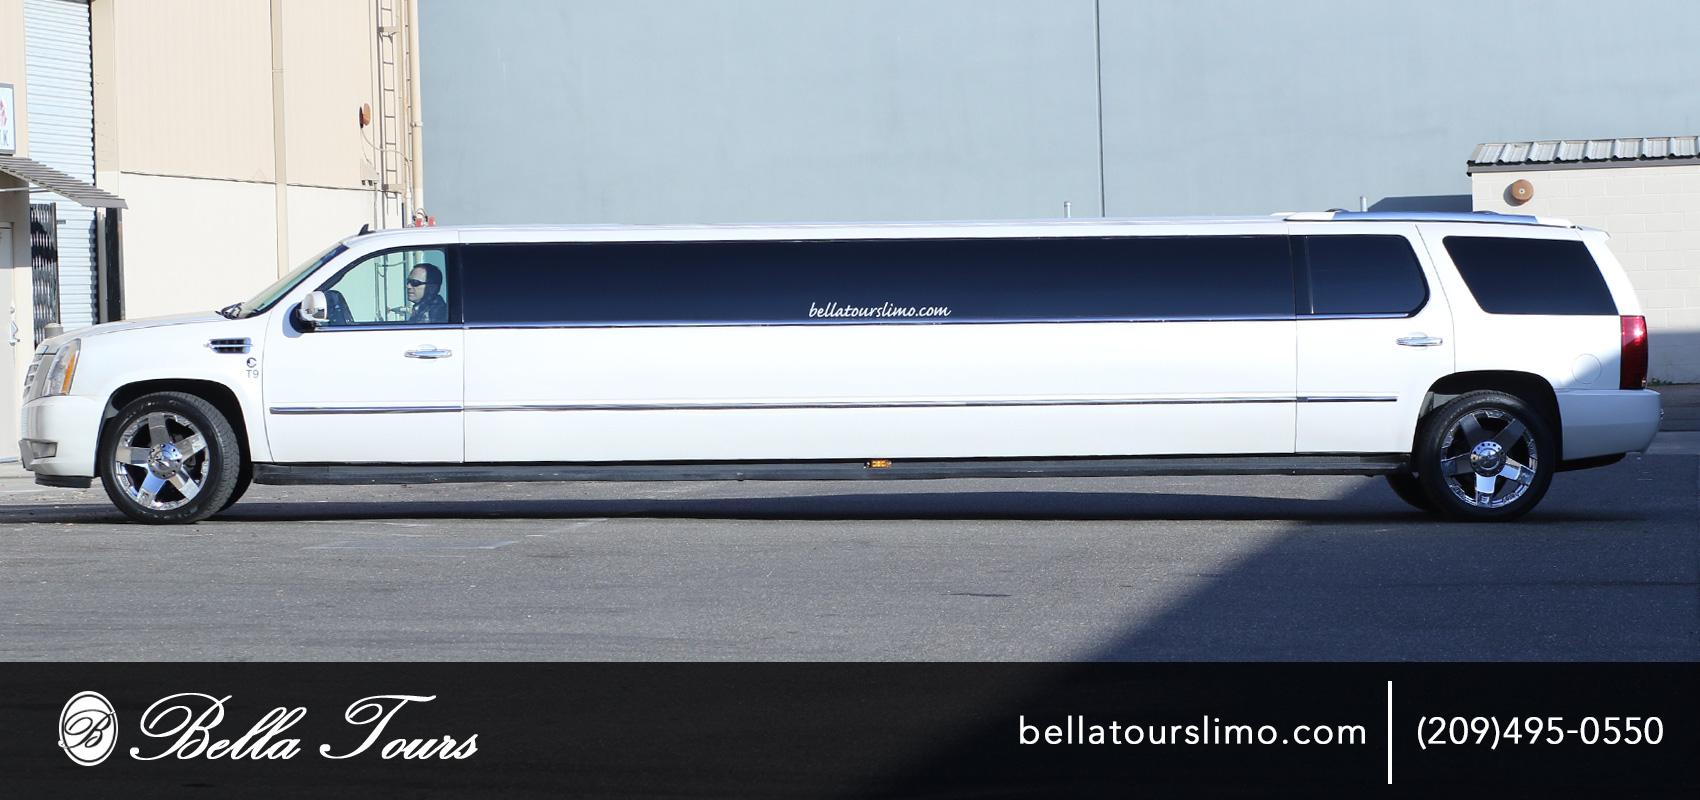 Bella Tour Escalade Exterior